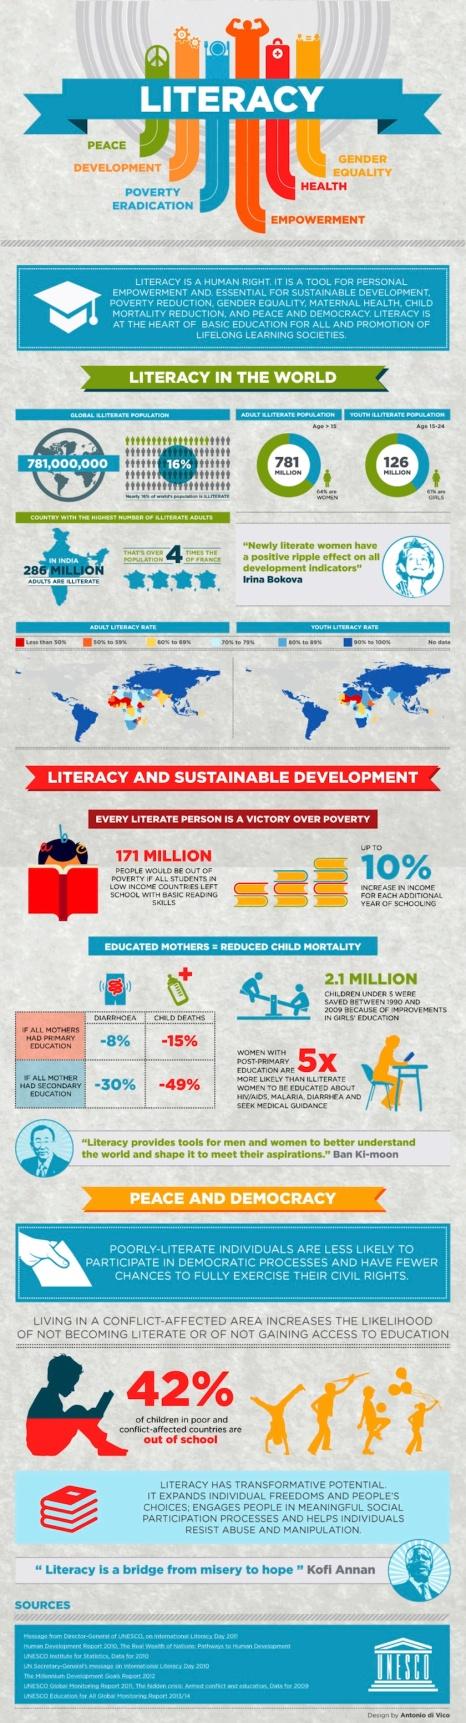 literacy-around-the-world-2014-infographic